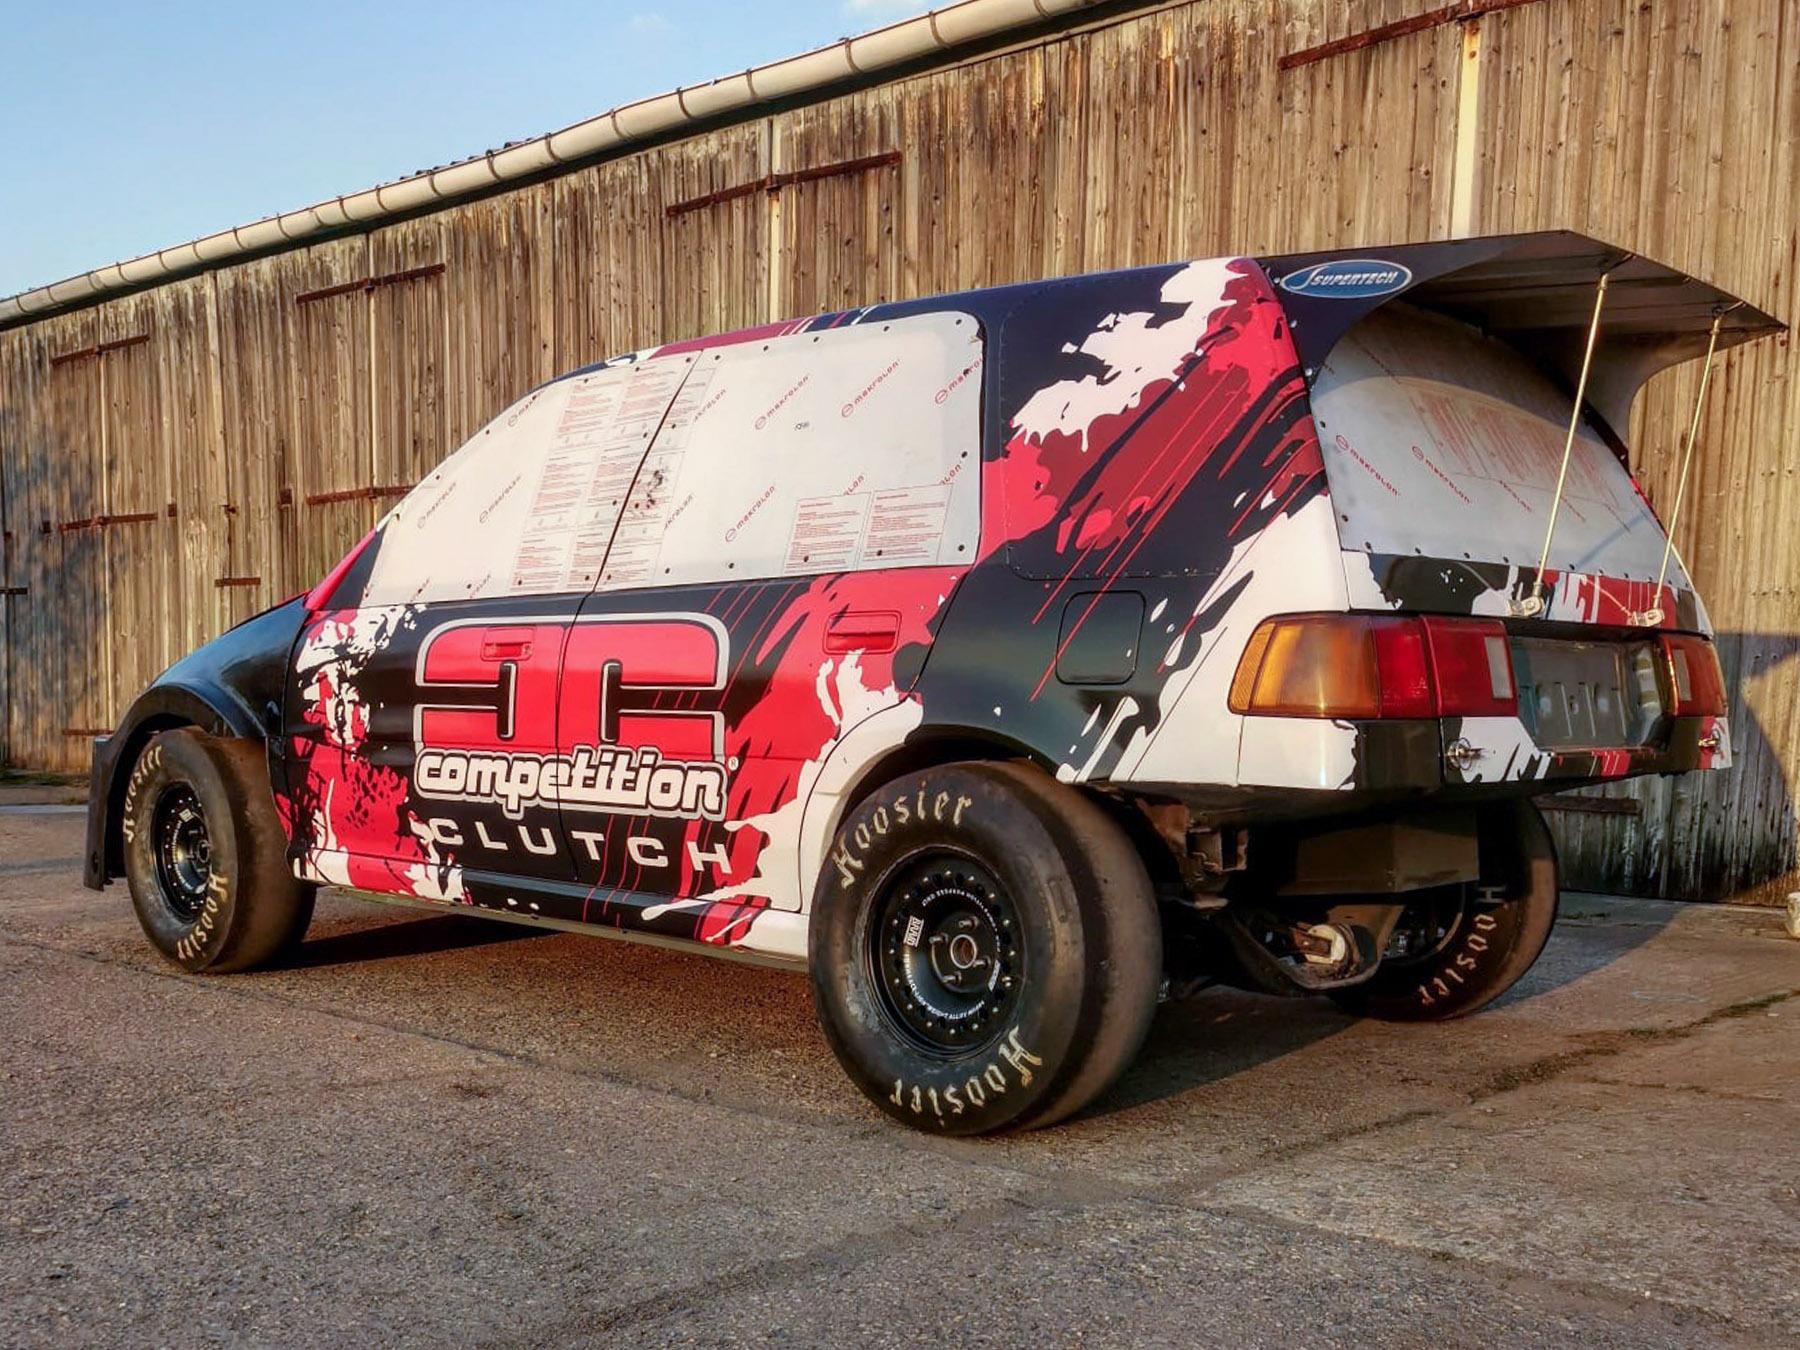 Folierung für Competition Clutch Dragwagen